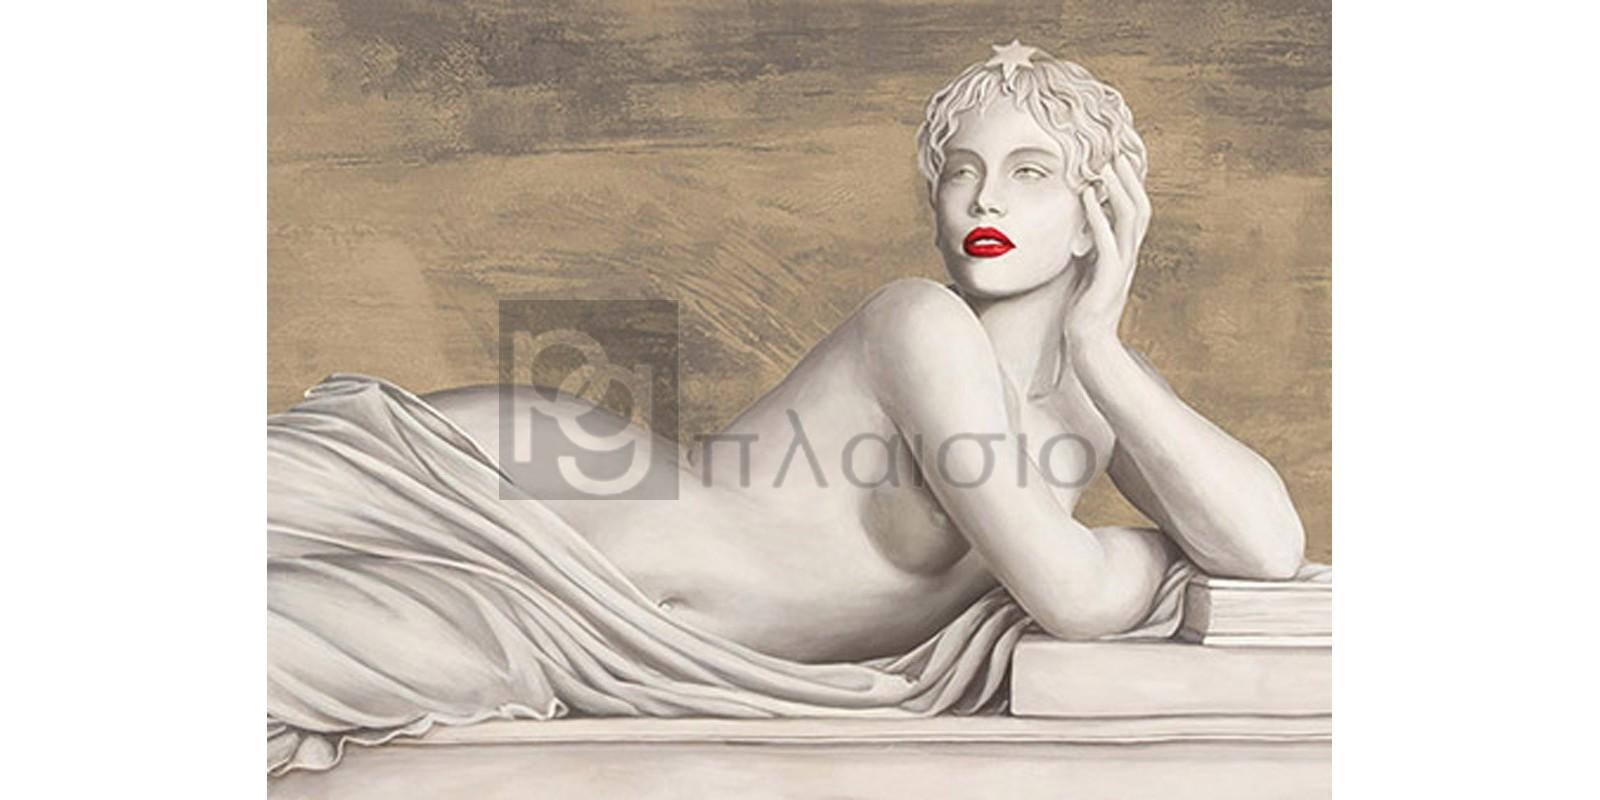 ELEANOR SETTI - Eternal Beauty (detail)